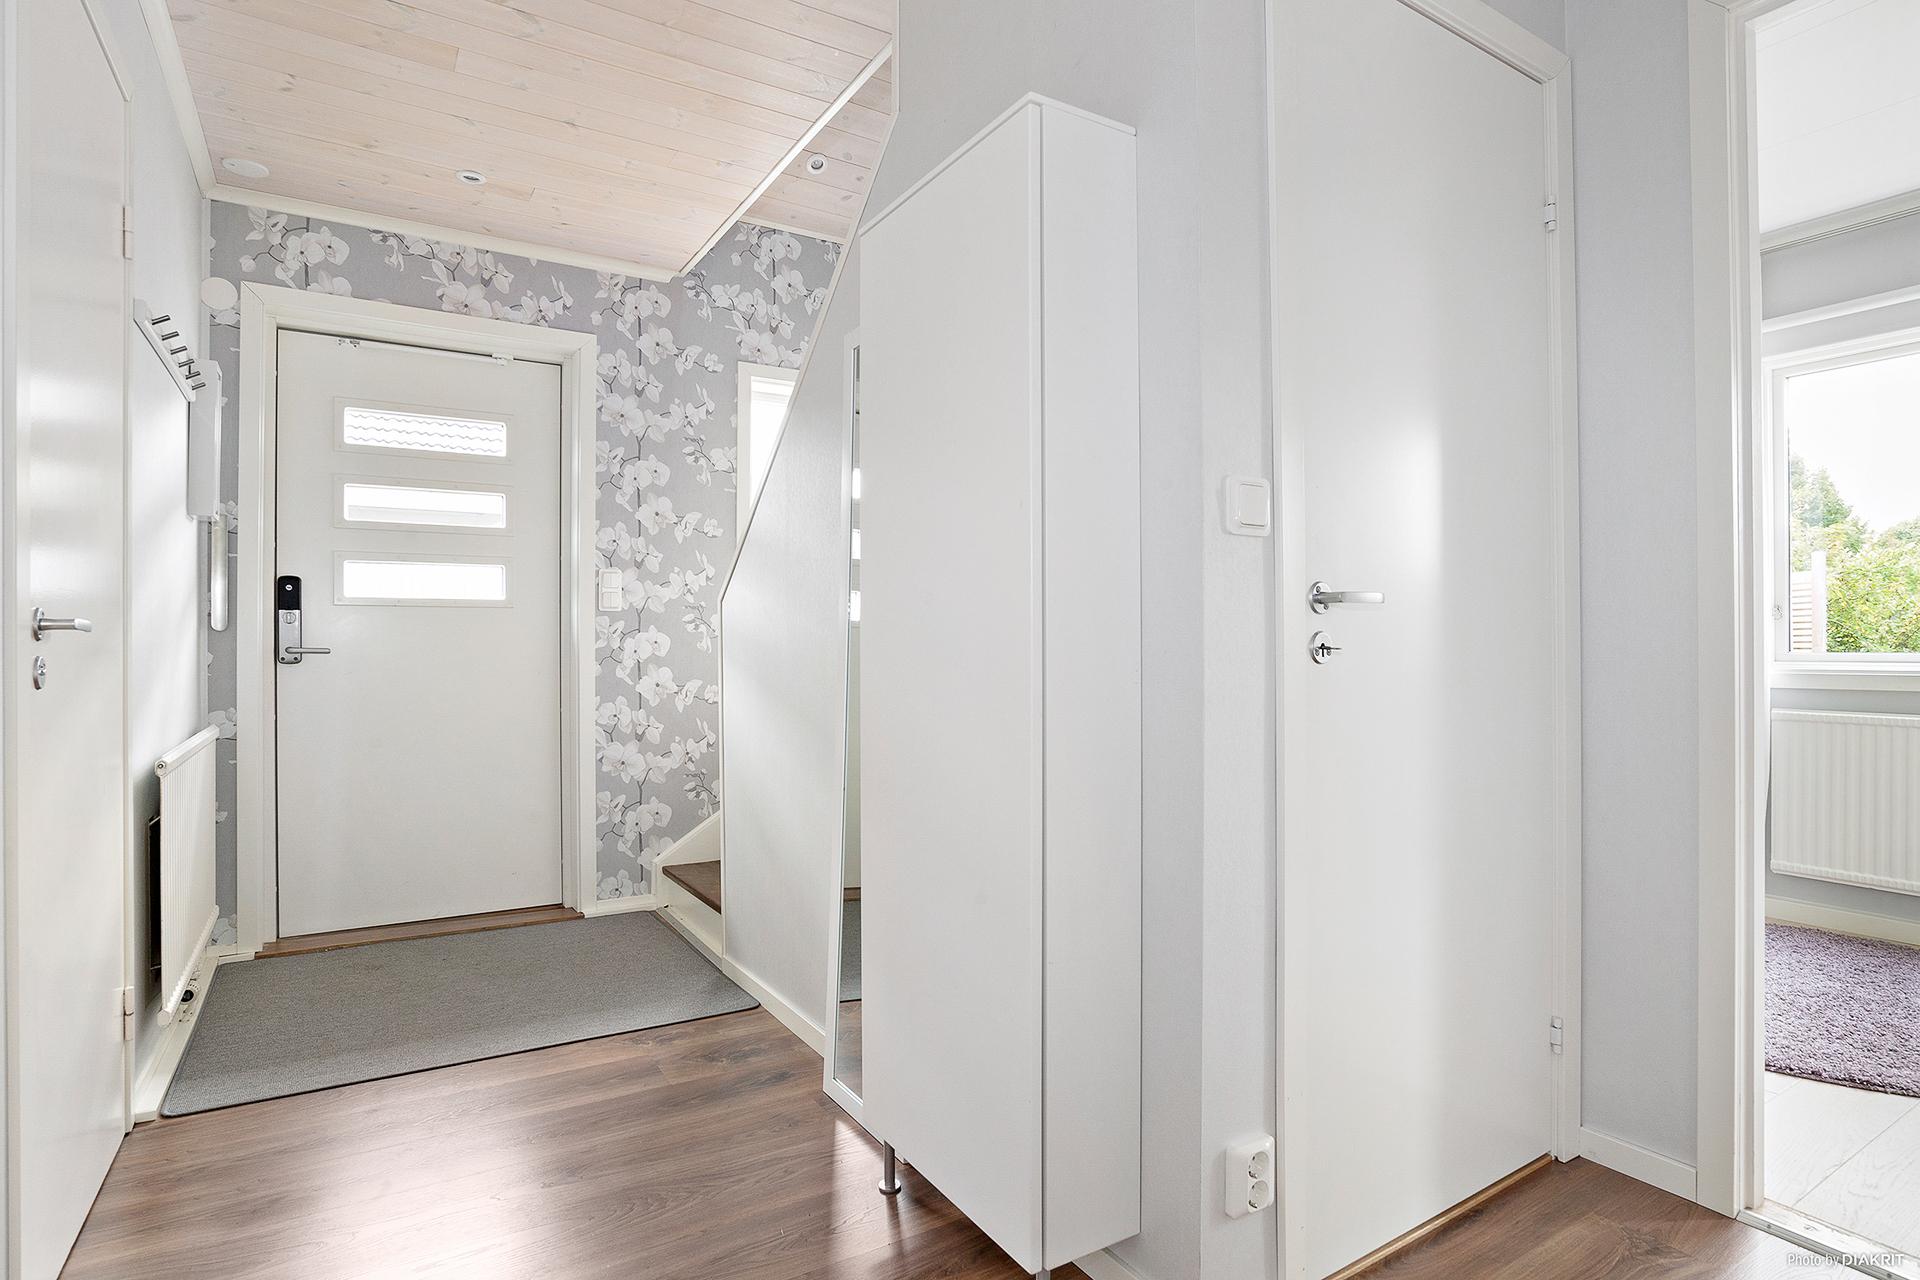 Ljus och trevlig hall med plats för avhängning och trappa upp till övervåning